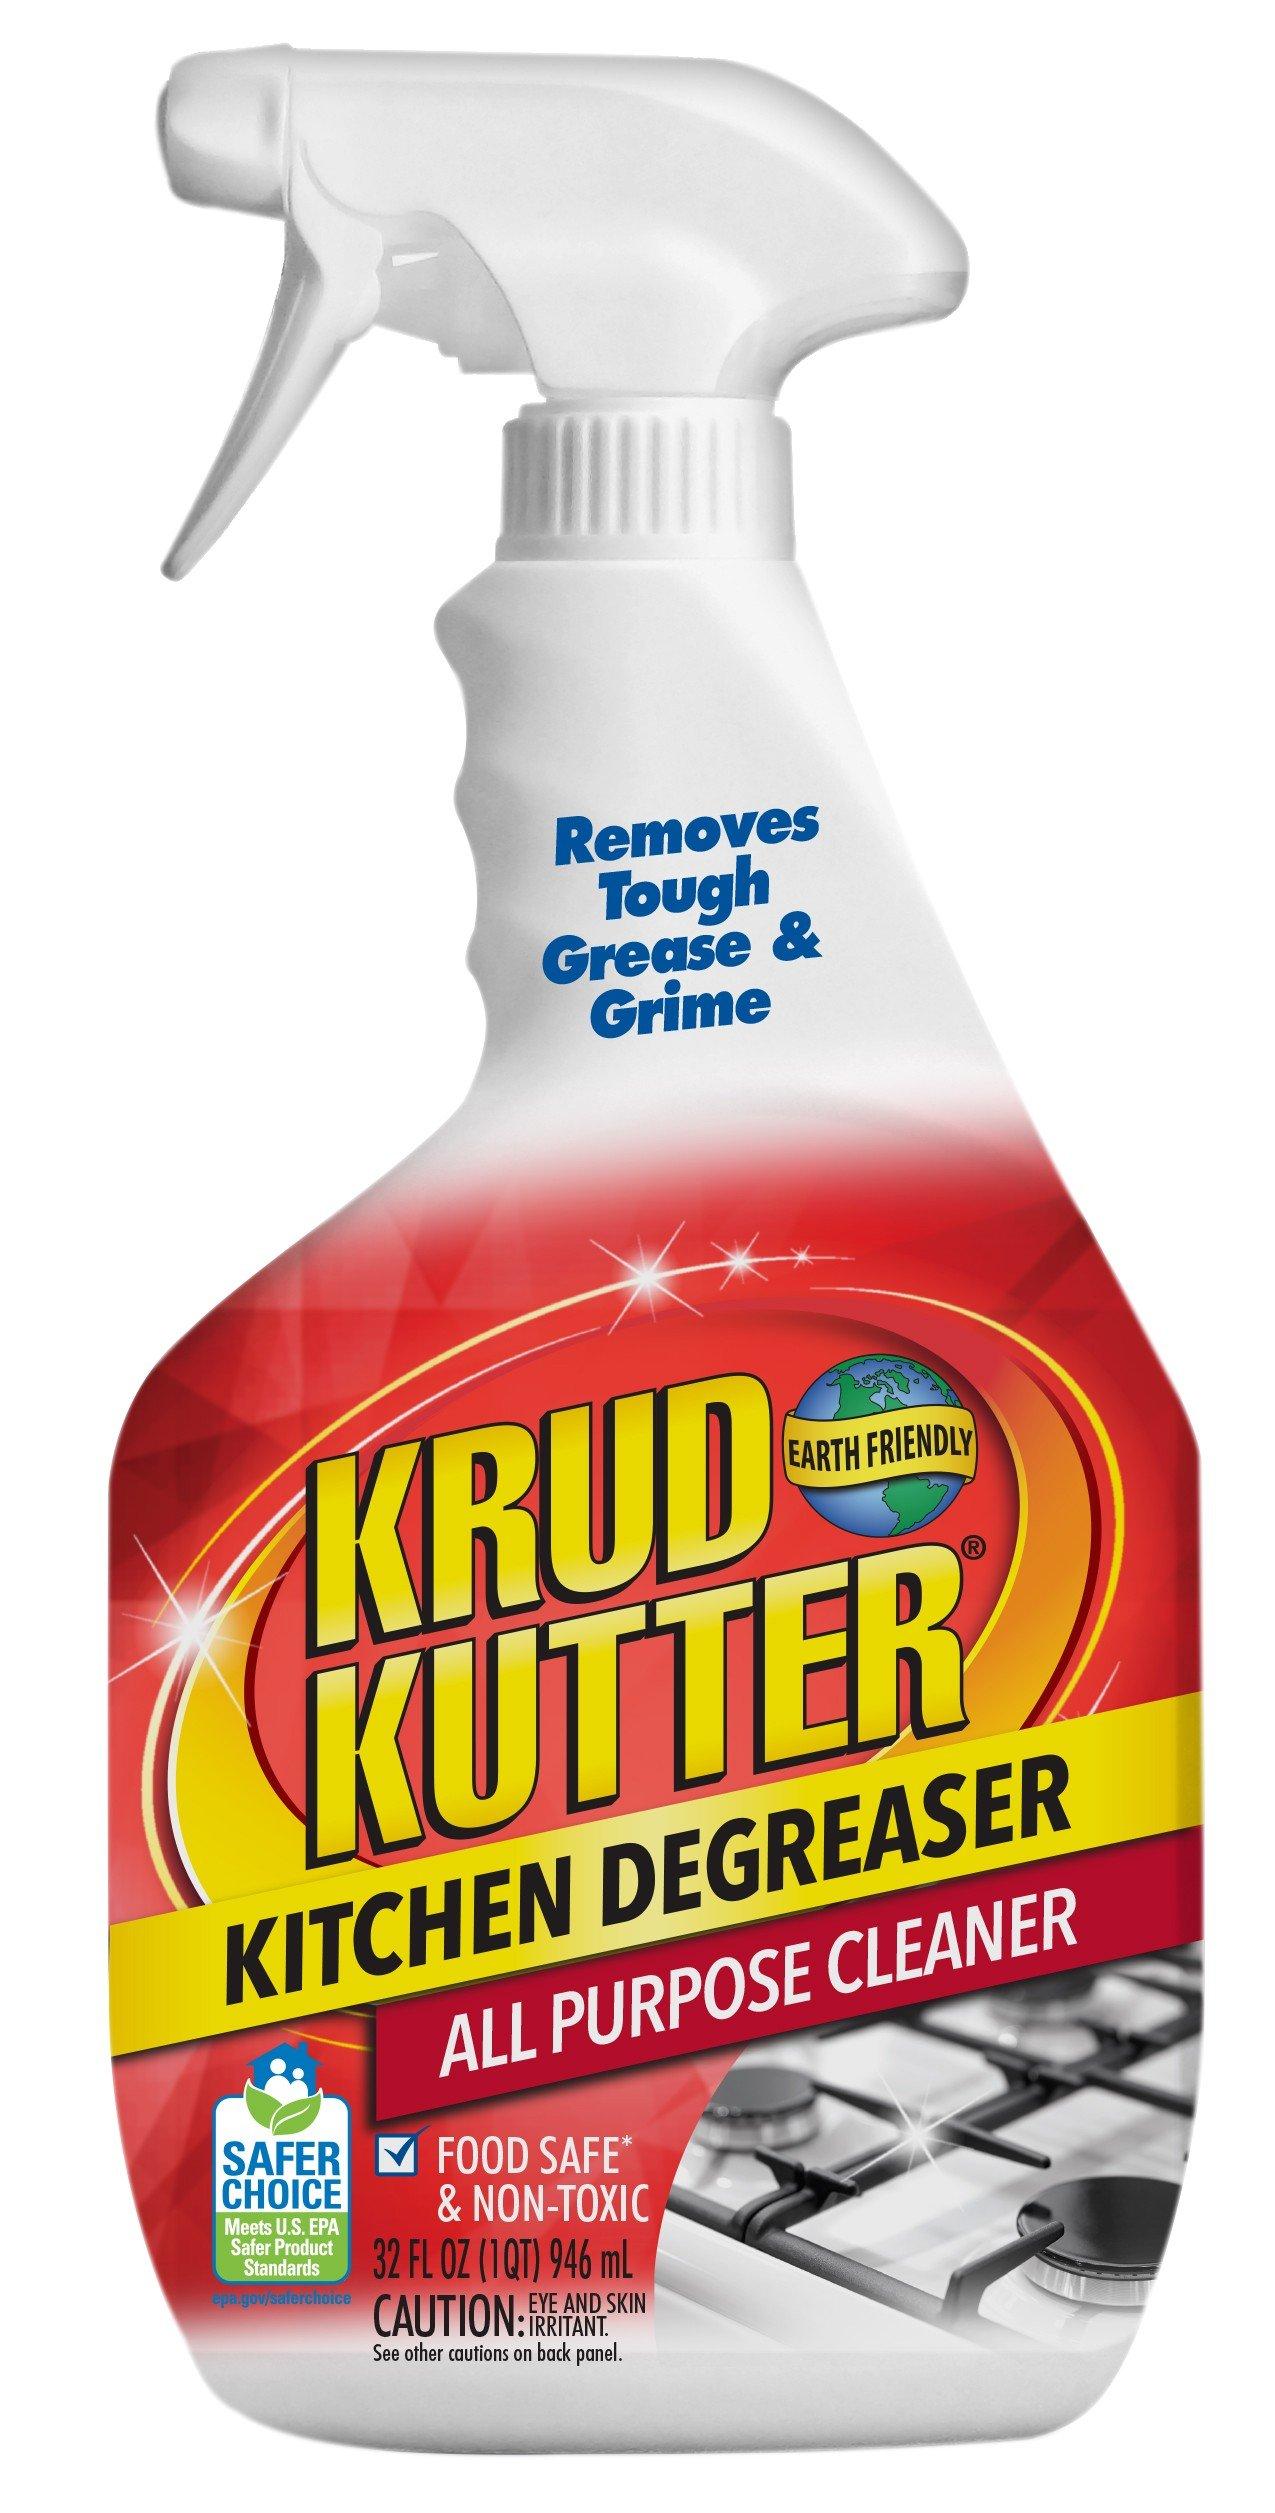 Krud Kutter 305373 Degreaser All Purpose